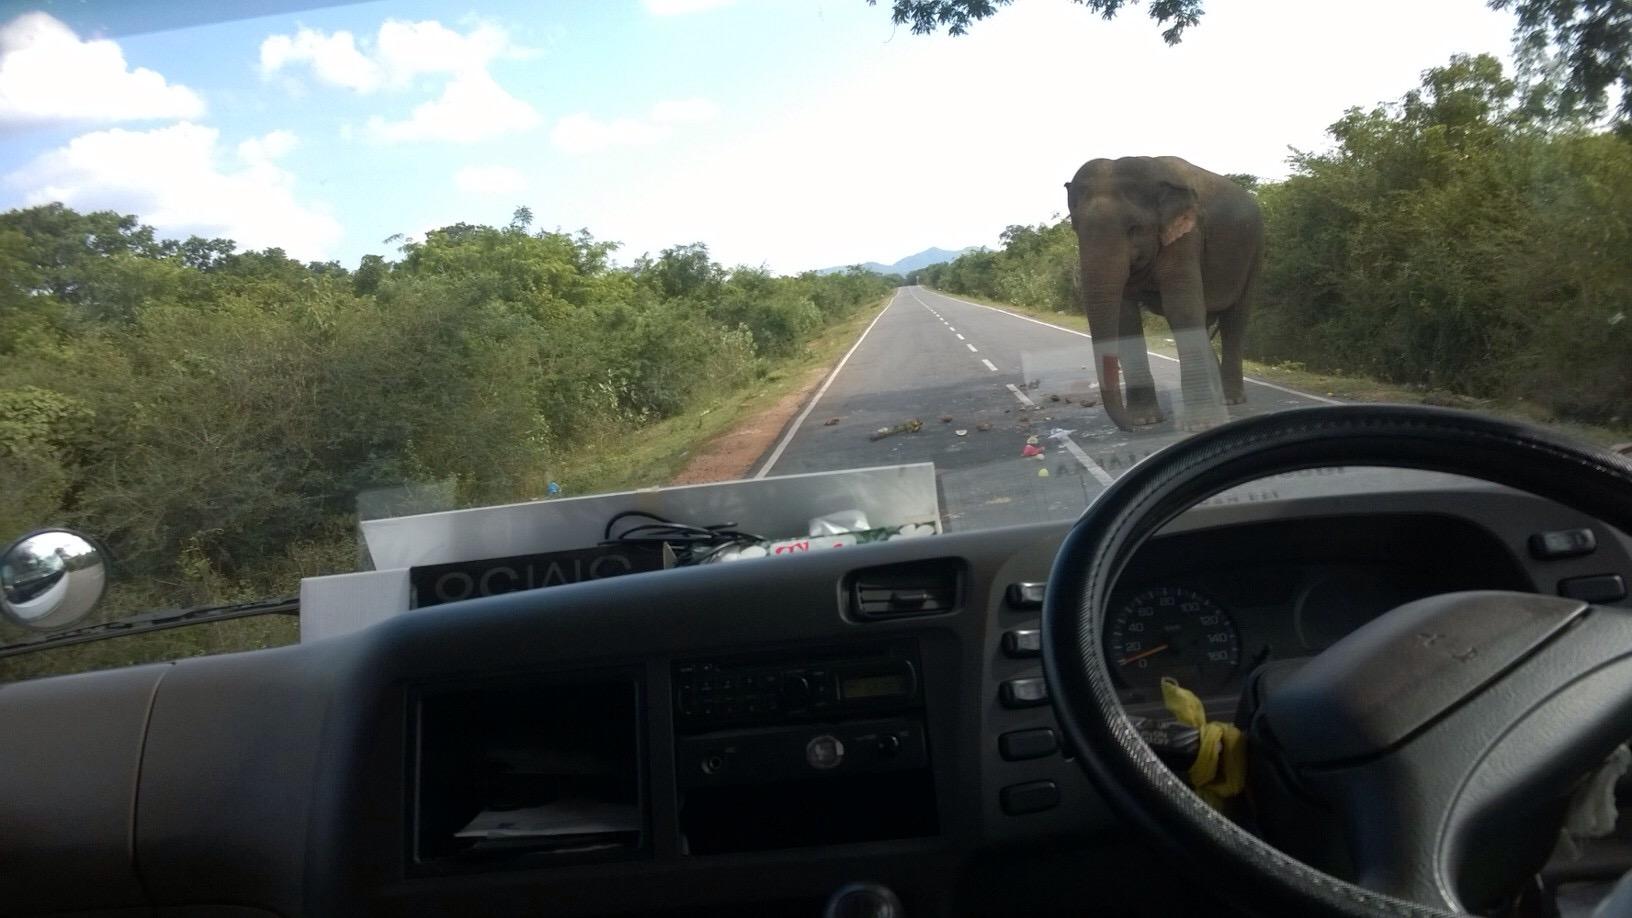 Elefant laver landevejs røveri på Sri Lanka, Yale nationalpark